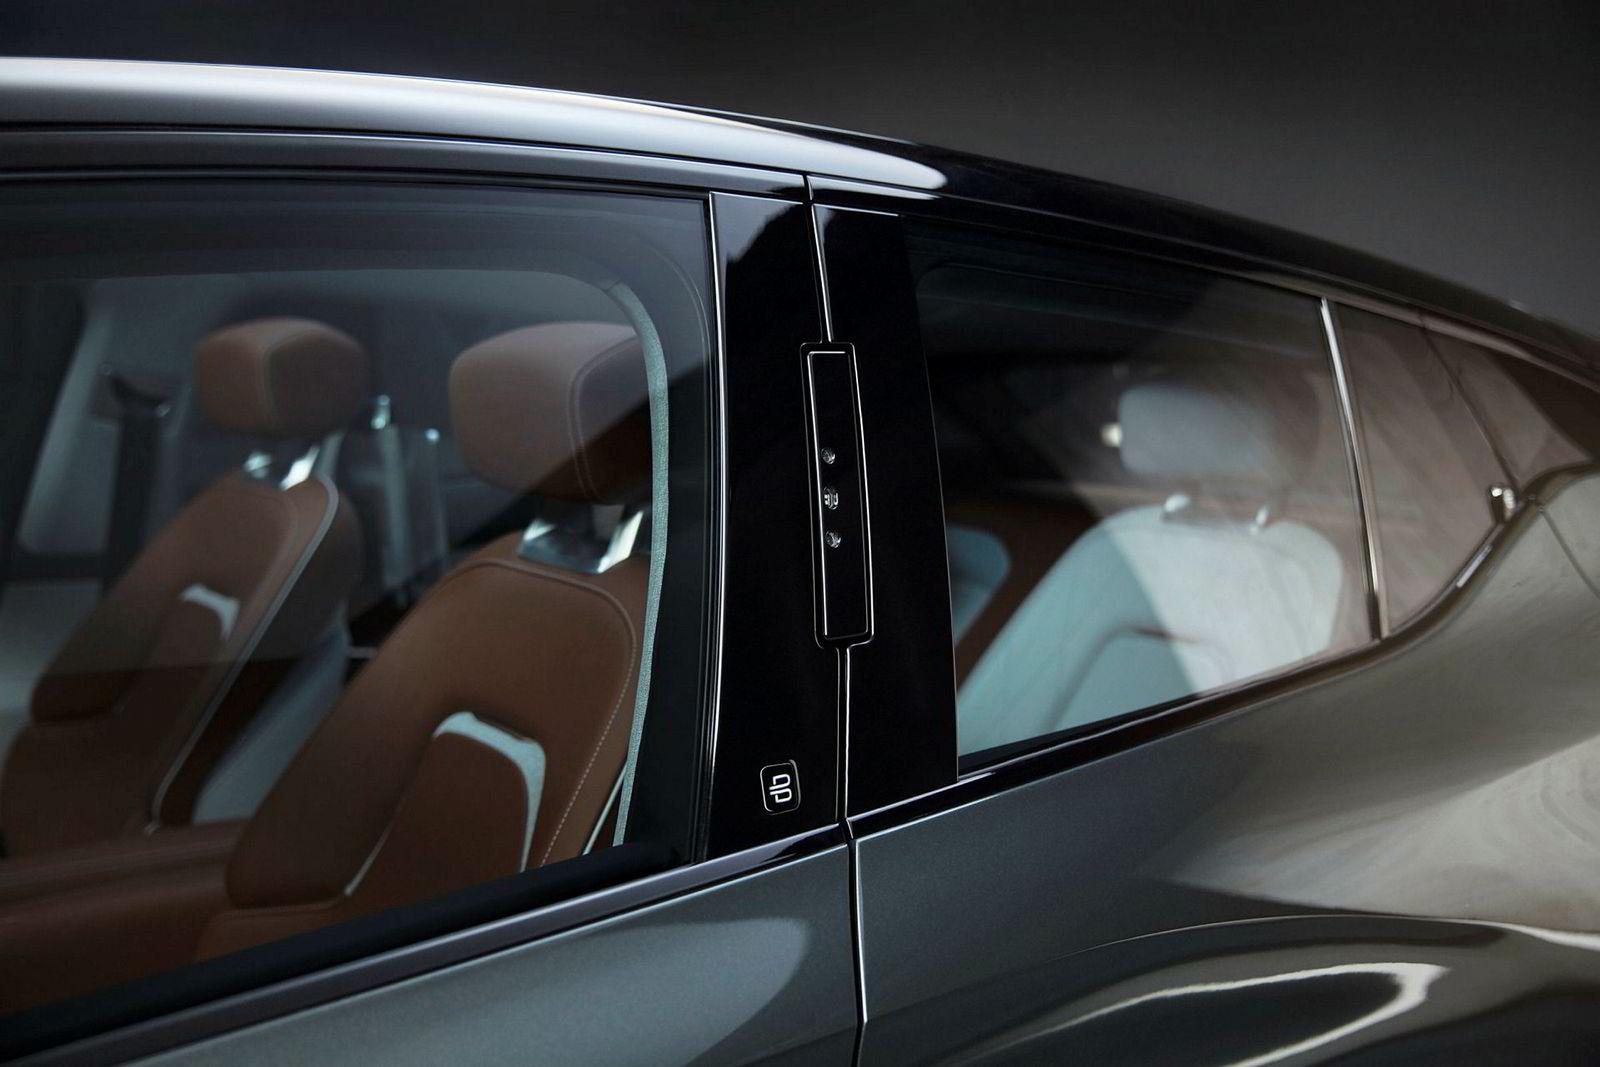 I b-stolpen er det tre kameraer som kjenner igjen ansiktet ditt og låser opp bilen.